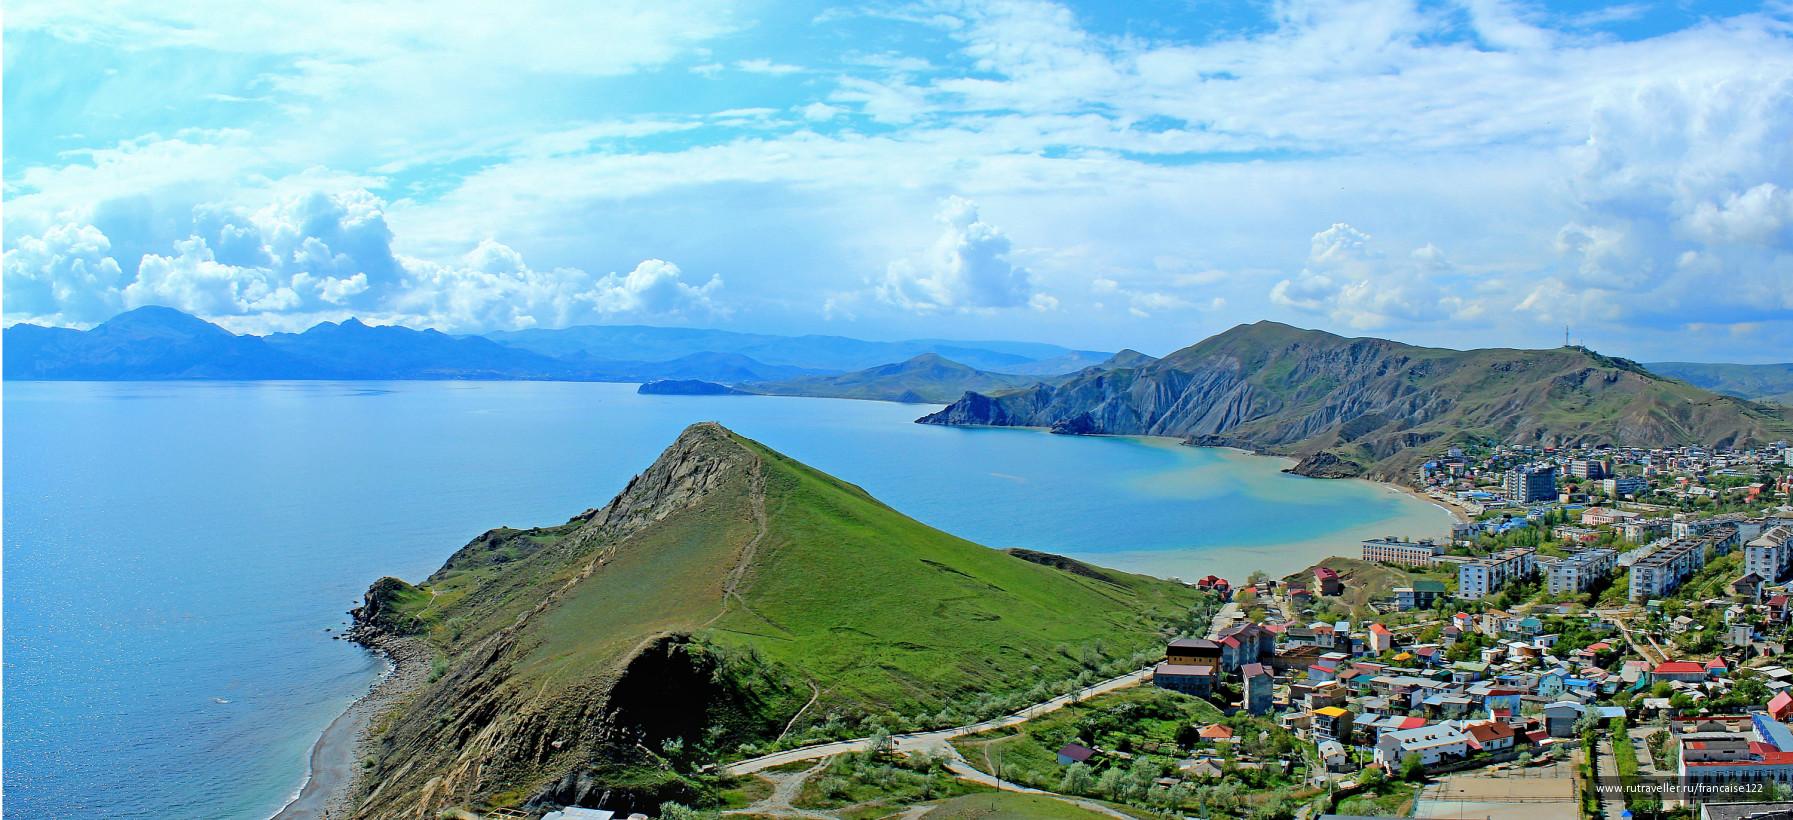 Нудистский пляж Крым - дикие пляжи Крыма, нудисткие пляжи